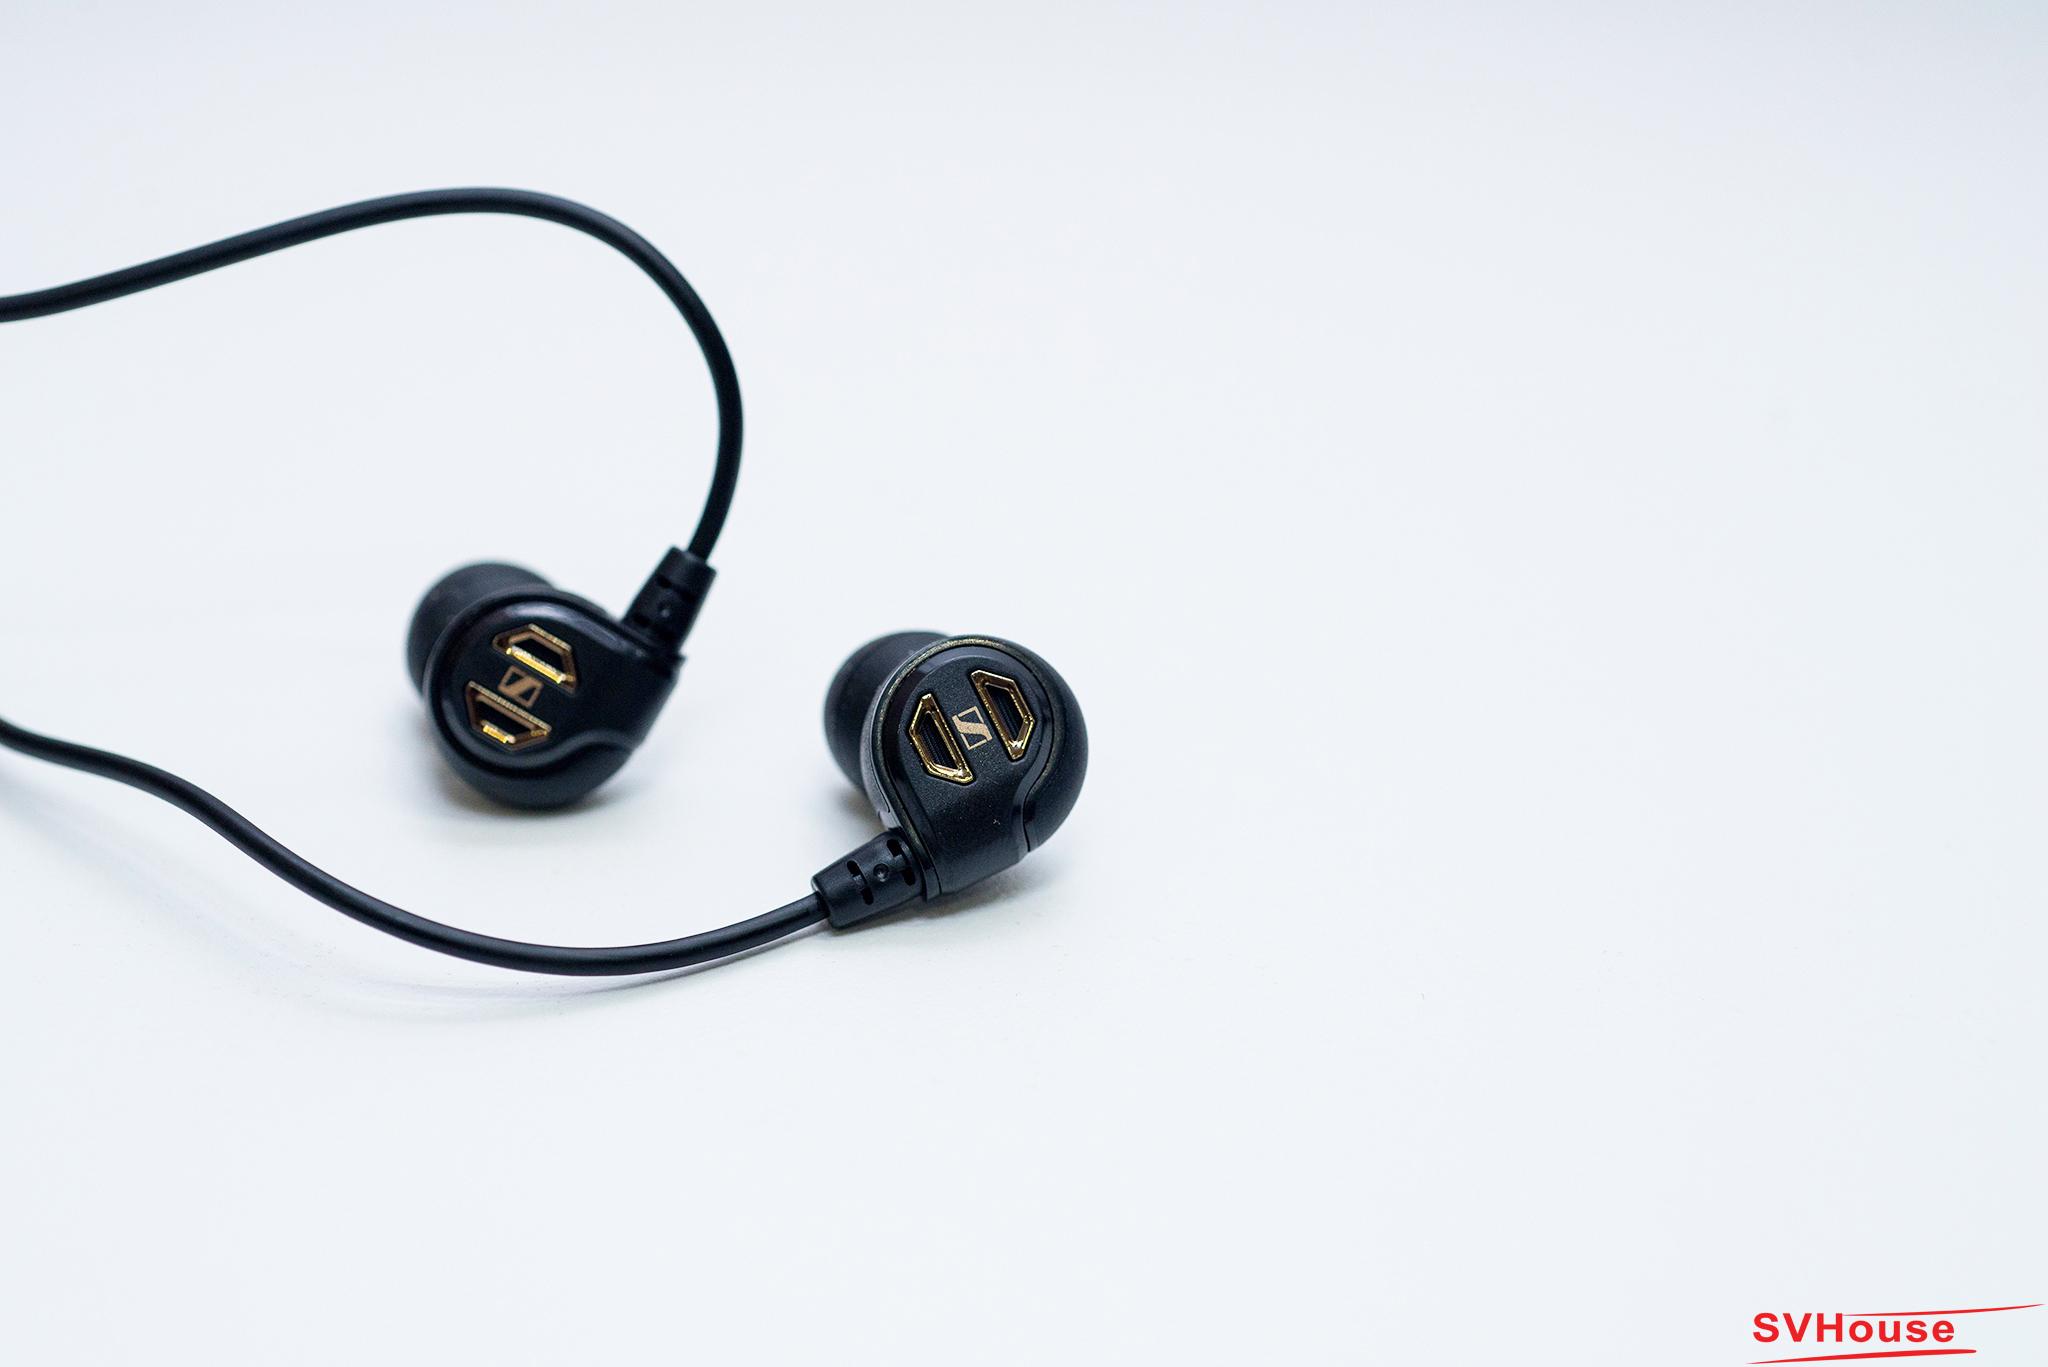 Ánh lên một màu vàng nâu trên một nền đen cổ điển, IE60 cuốn hút từng đôi mắt với một thiết kế đơn giản nhưng lại cực kỳ sang trọng. Một điều ngạc nhiên hơn nữa, với cấu tạo đặc biệt của IE60 có khả năng làm giảm những tiếng ồn thụ động xung quanh lên đến 20 dB